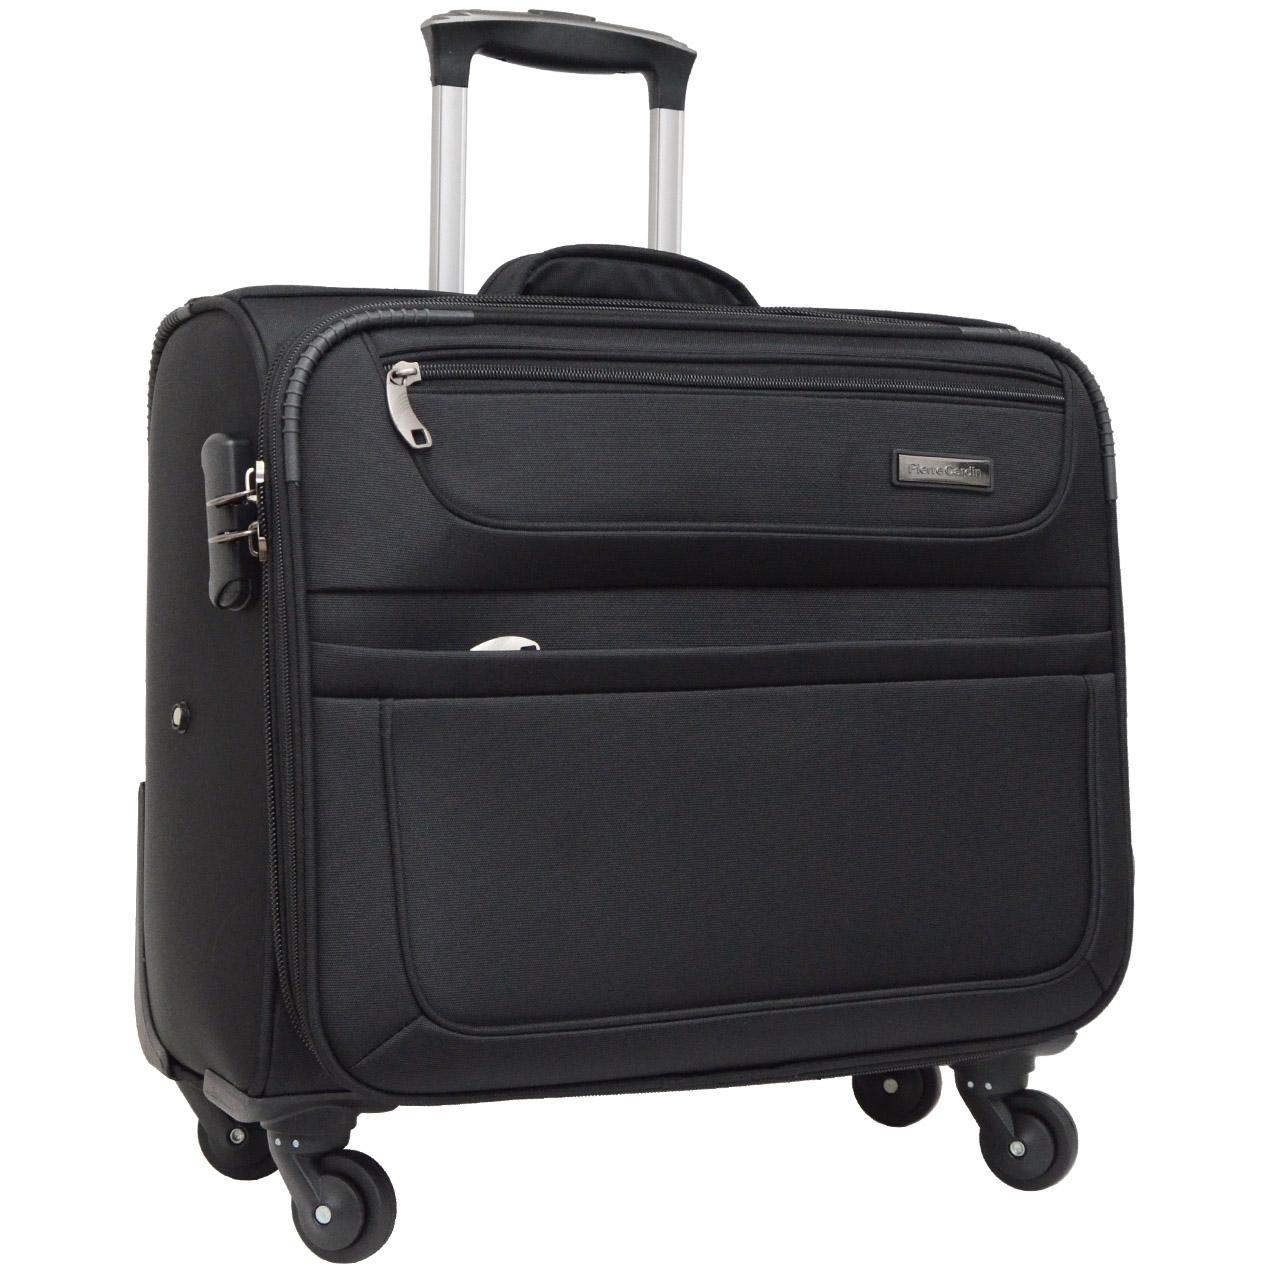 چمدان خلبانی مدل PR 600040 - 4